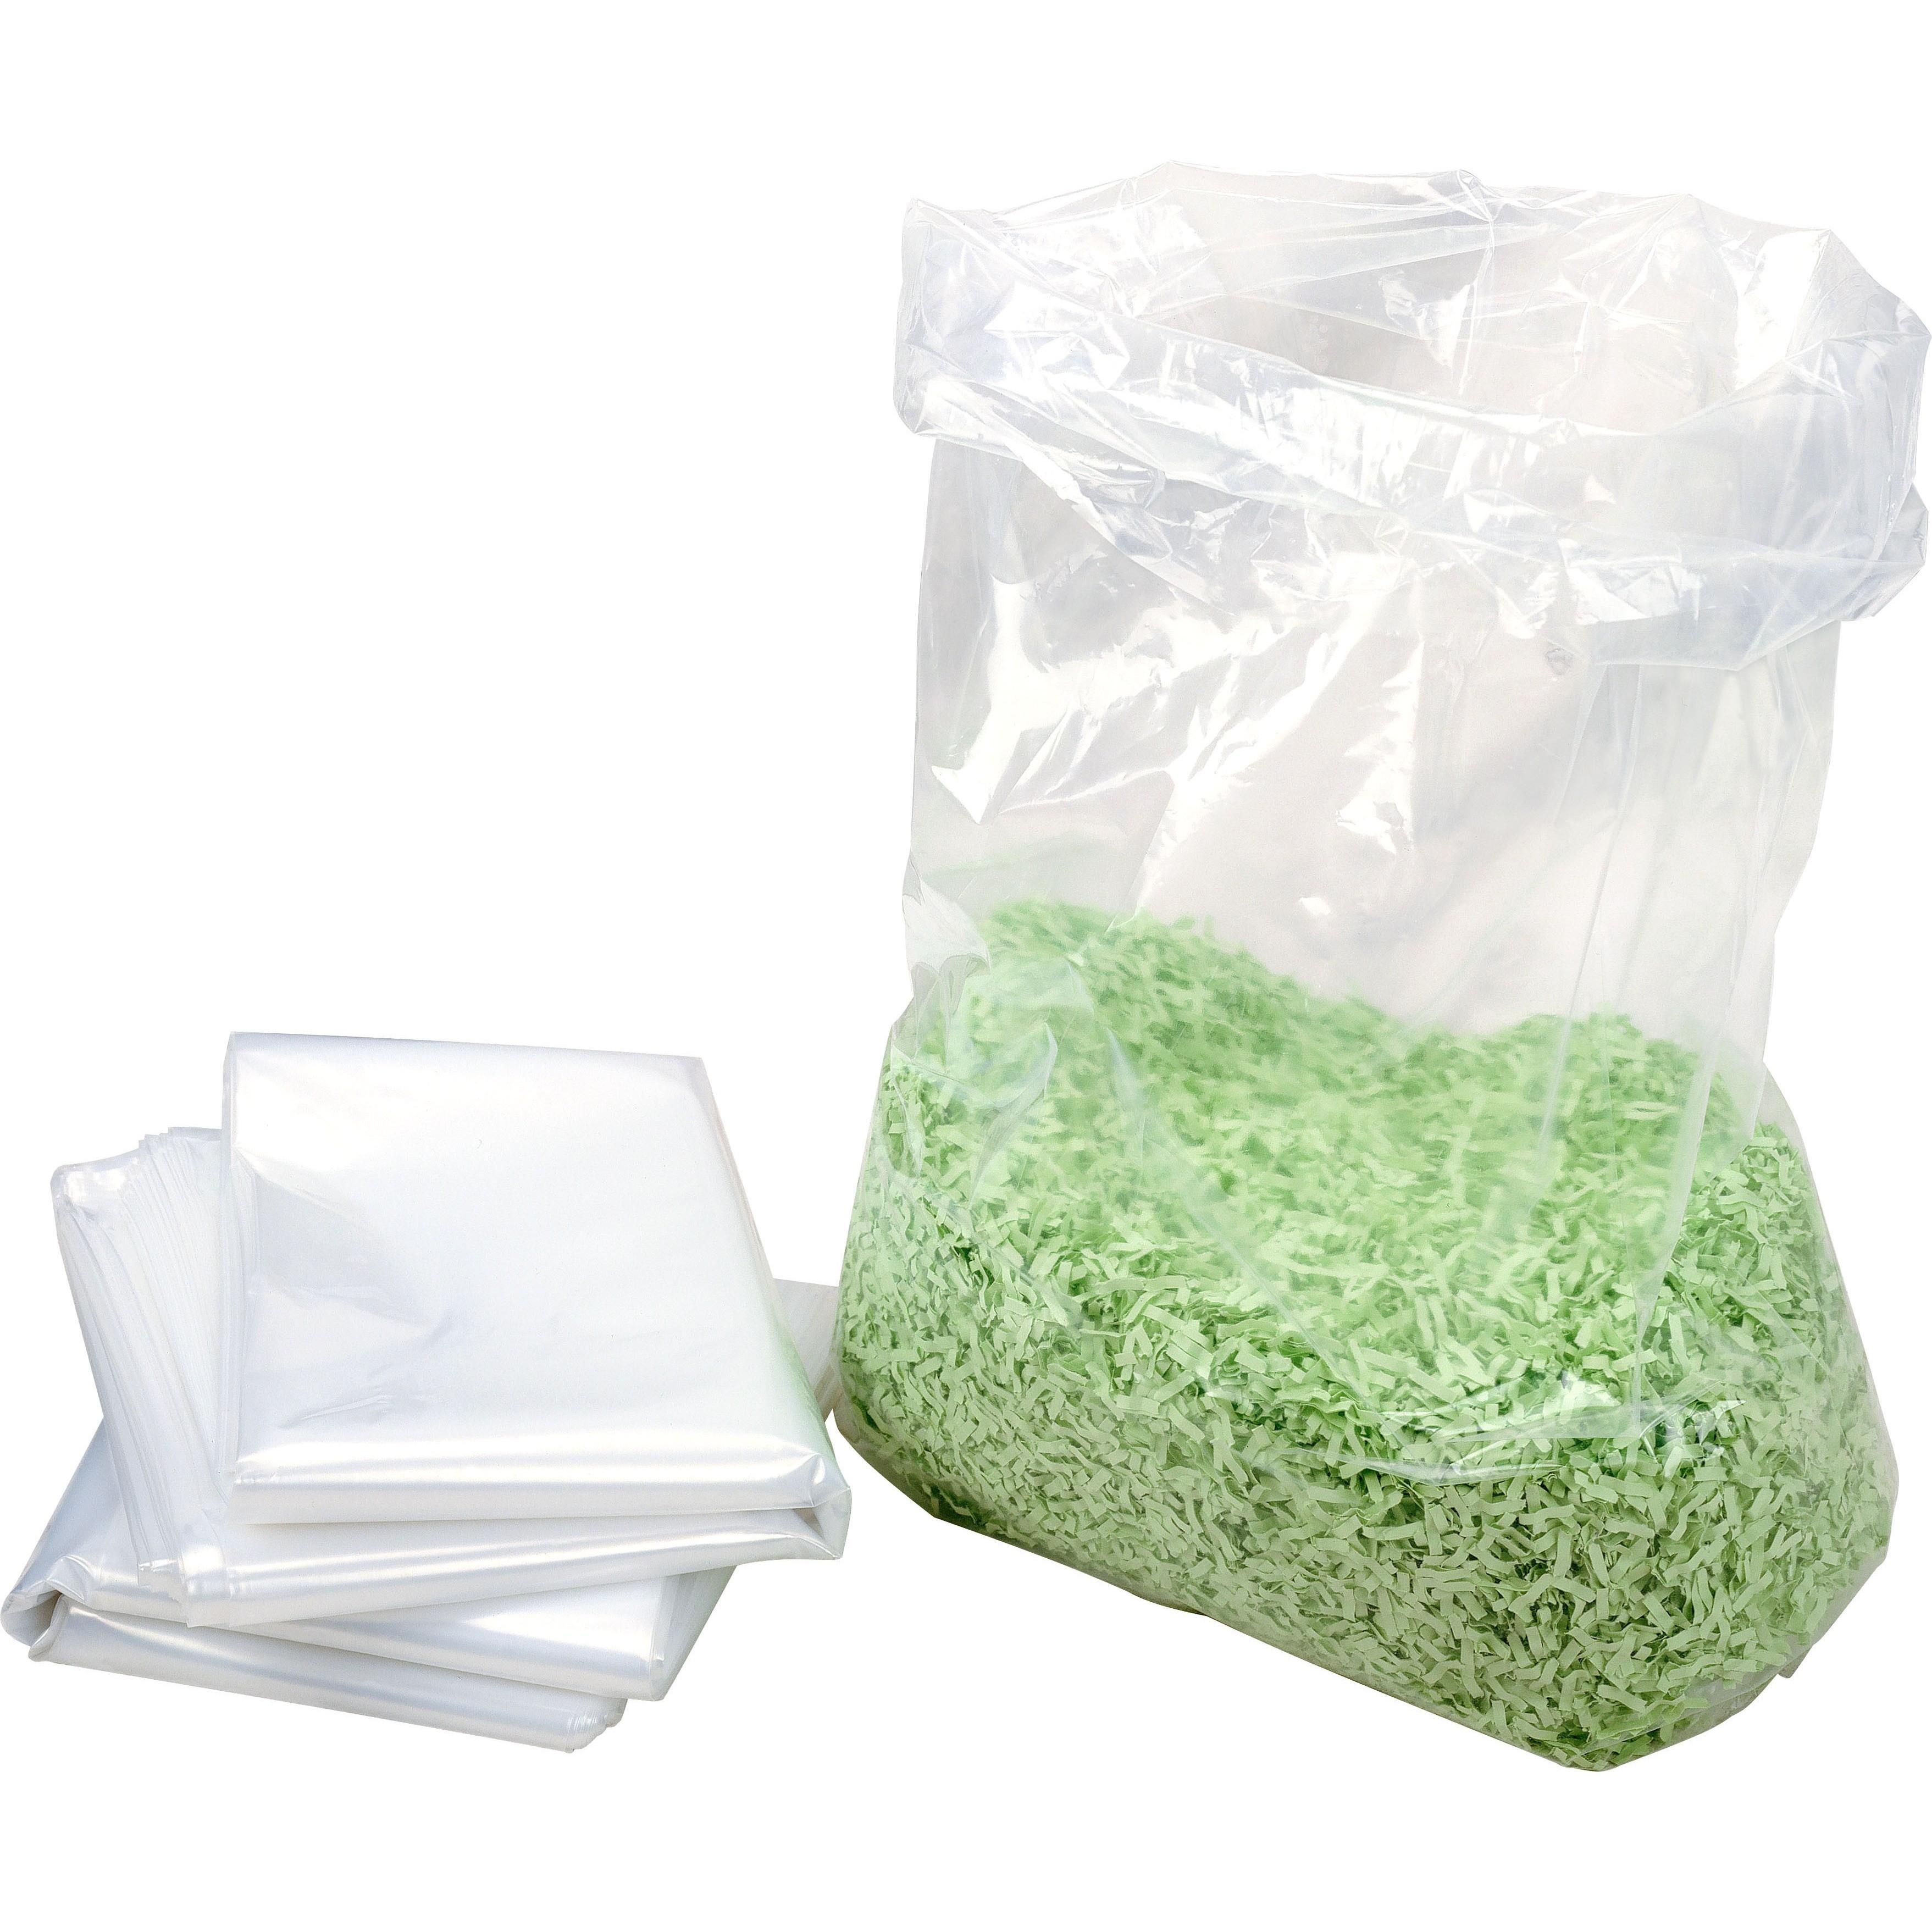 HSM Shredder Bags - fits HSM 40VL Baler